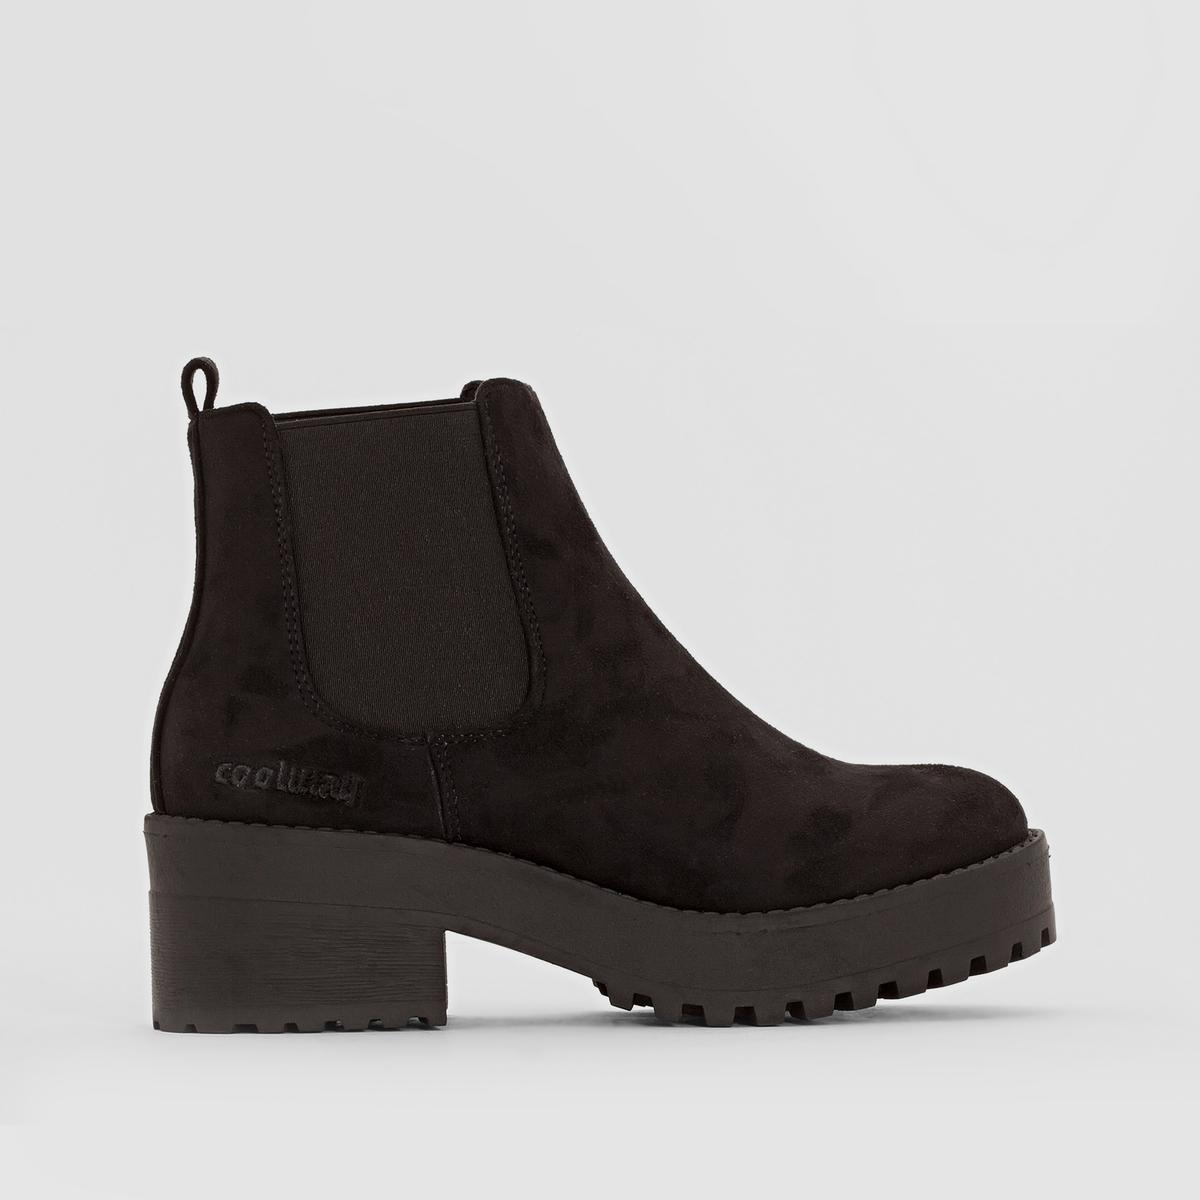 Ботильоны BASHAПодкладка : Микрофибра    Стелька : Микрофибра     Подошва : Резина  Высота каблука : 5 см Высота голенища  : 11 см.   Форма каблука : Широкий    Носок : Закругленный.   Застежка : Без застежки<br><br>Цвет: черный